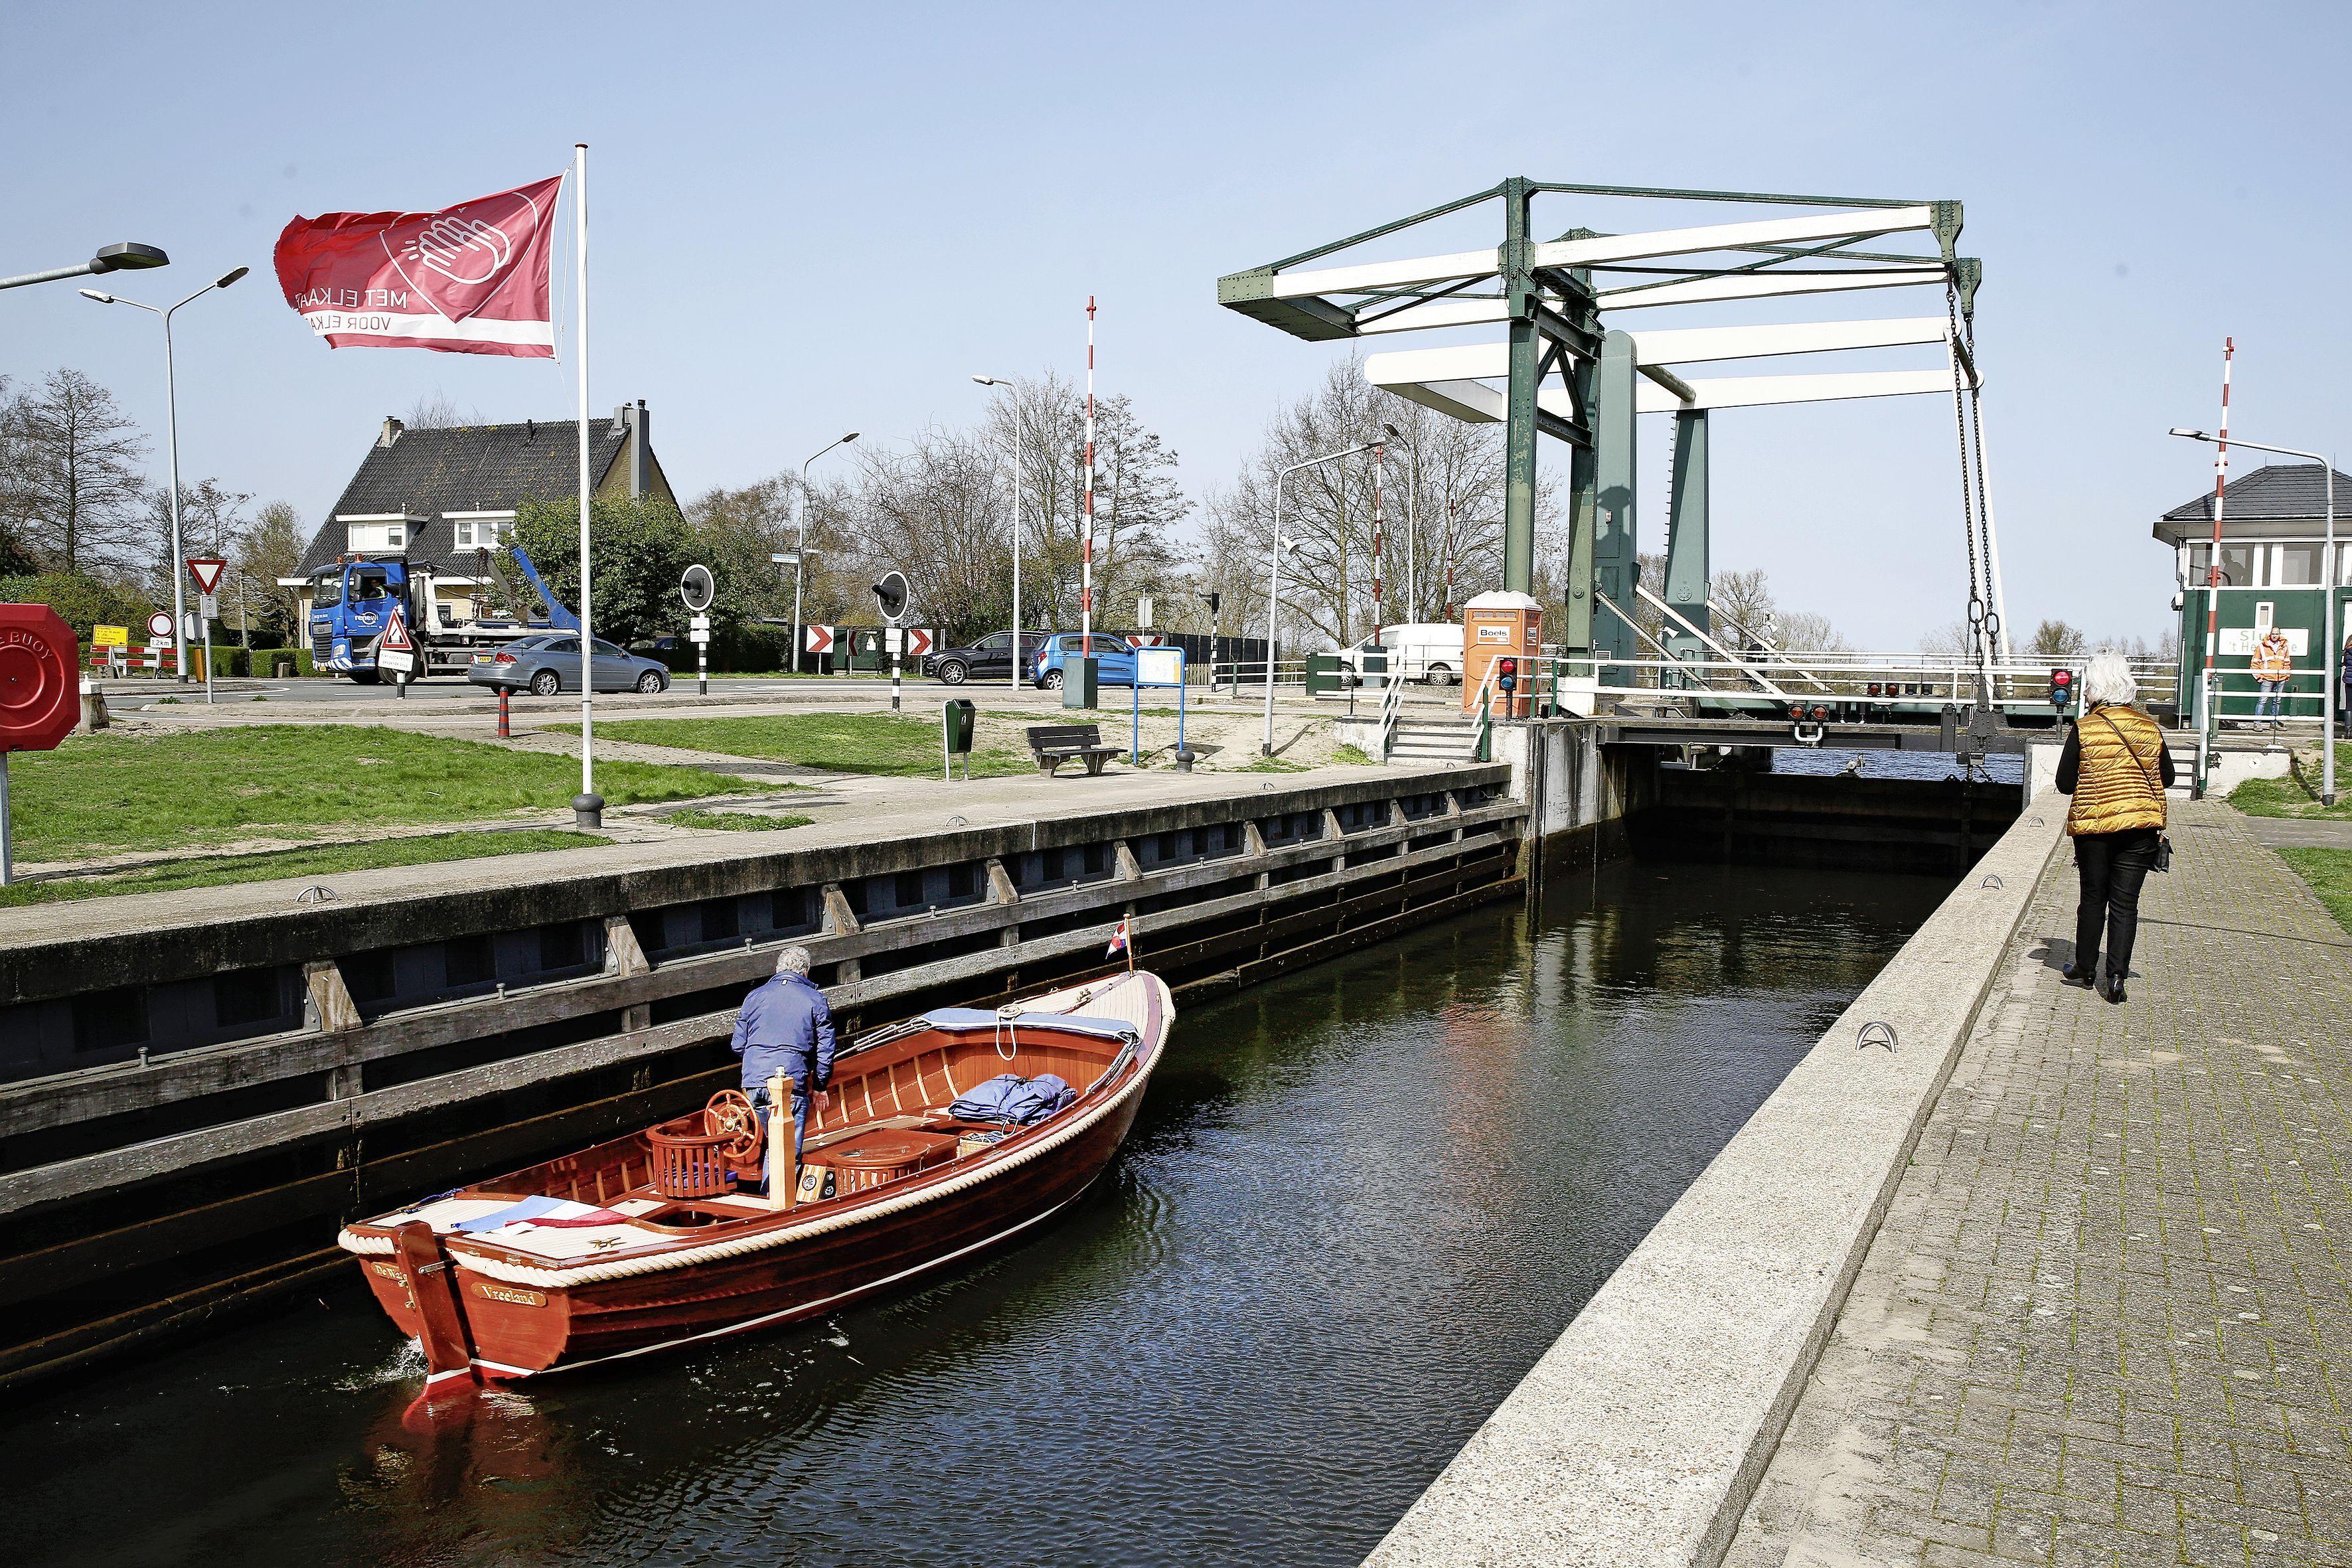 Goed nieuws voor watersporters bij de start van het nieuwe vaarseizoen. Sluis 't Hemeltje is weer open en kan er weer twintig jaar tegenaan